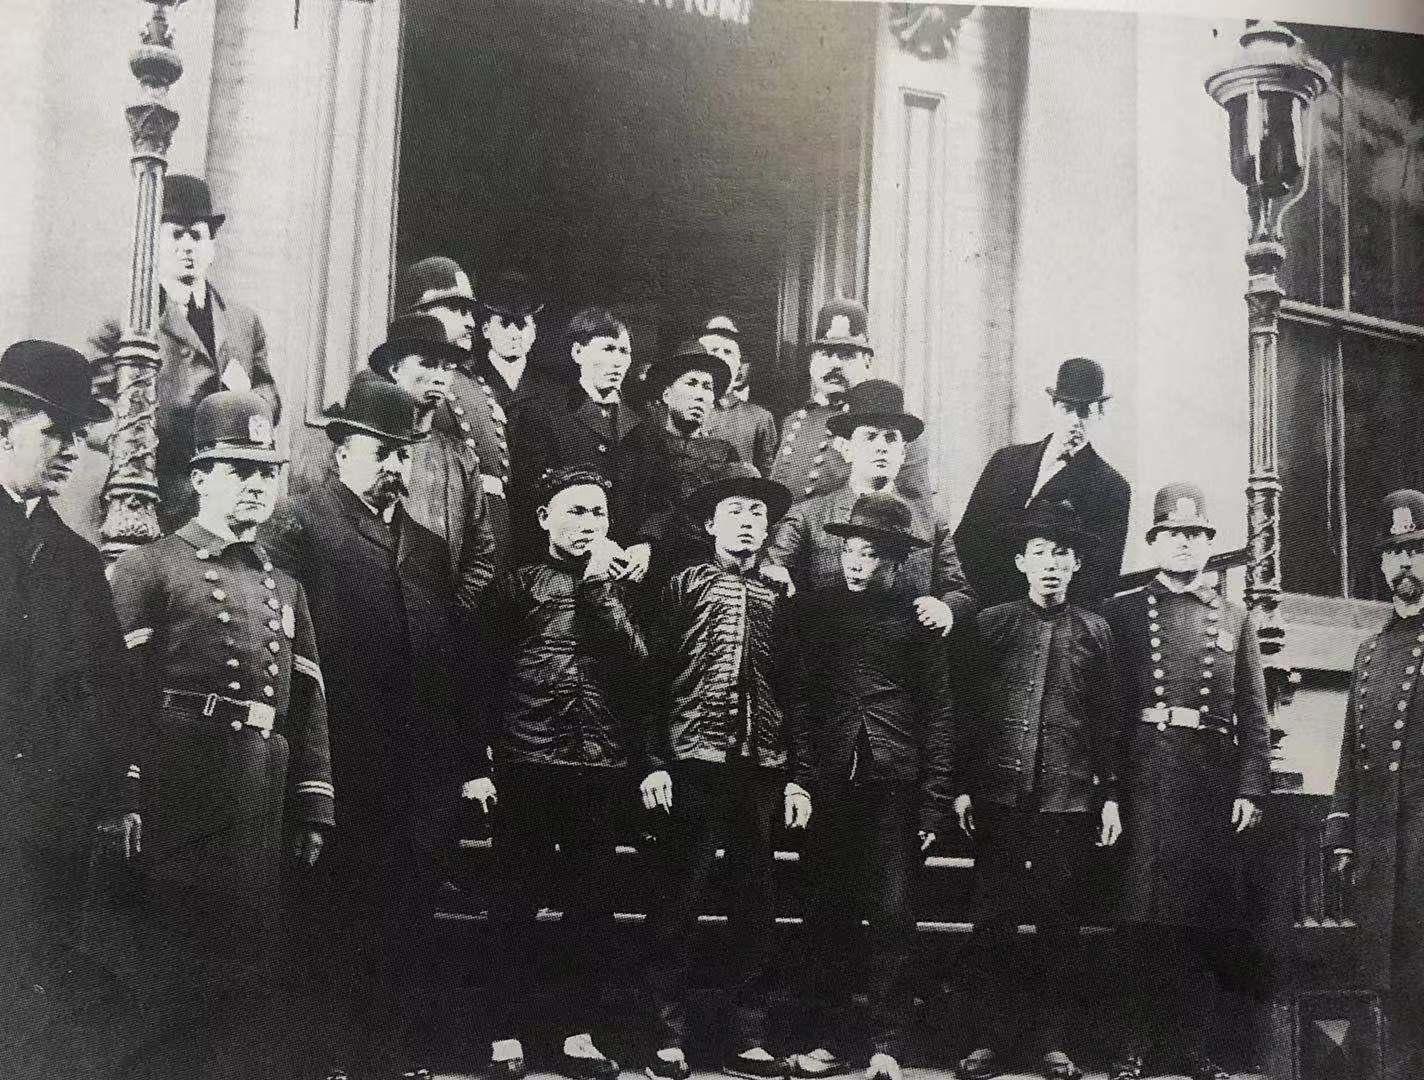 1906年被捕的华人与逮捕他们的警察在伊丽莎白街警察局门前合影